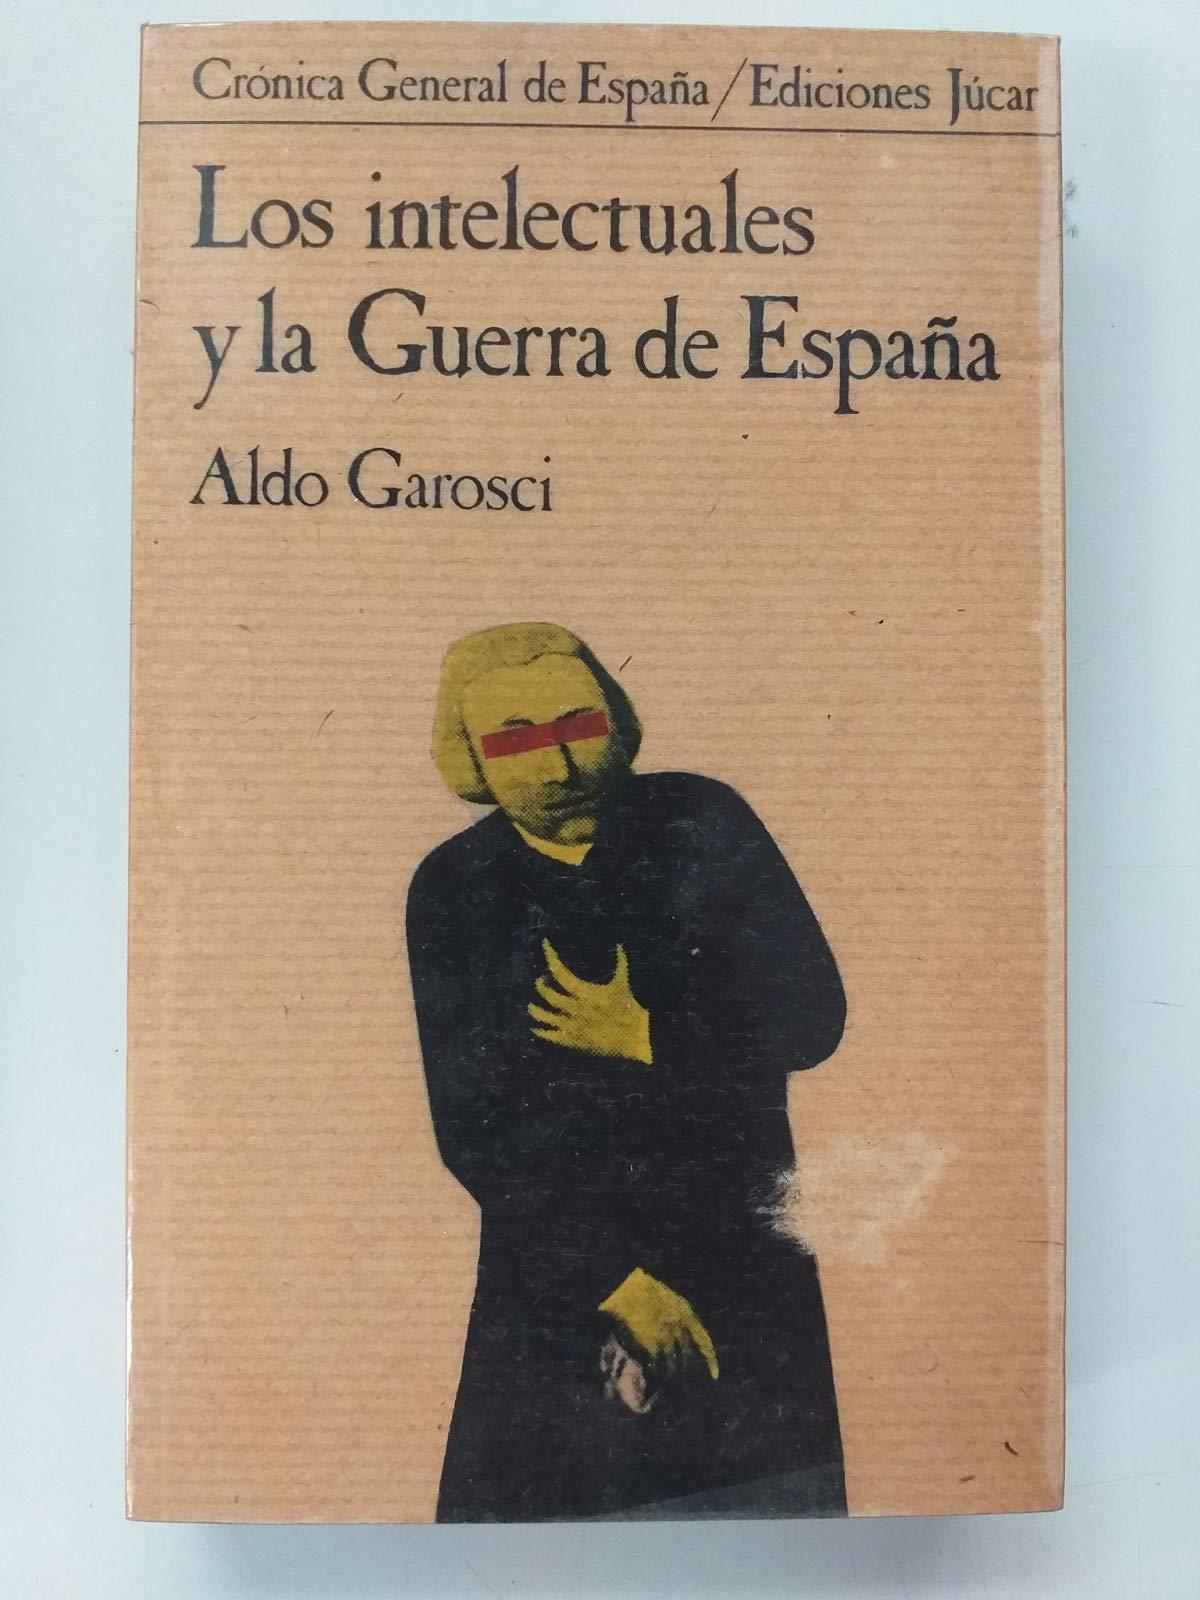 Intelectuales y la Guerra civilde España, los Crónica general de España: Amazon.es: Garosci, Aldo: Libros